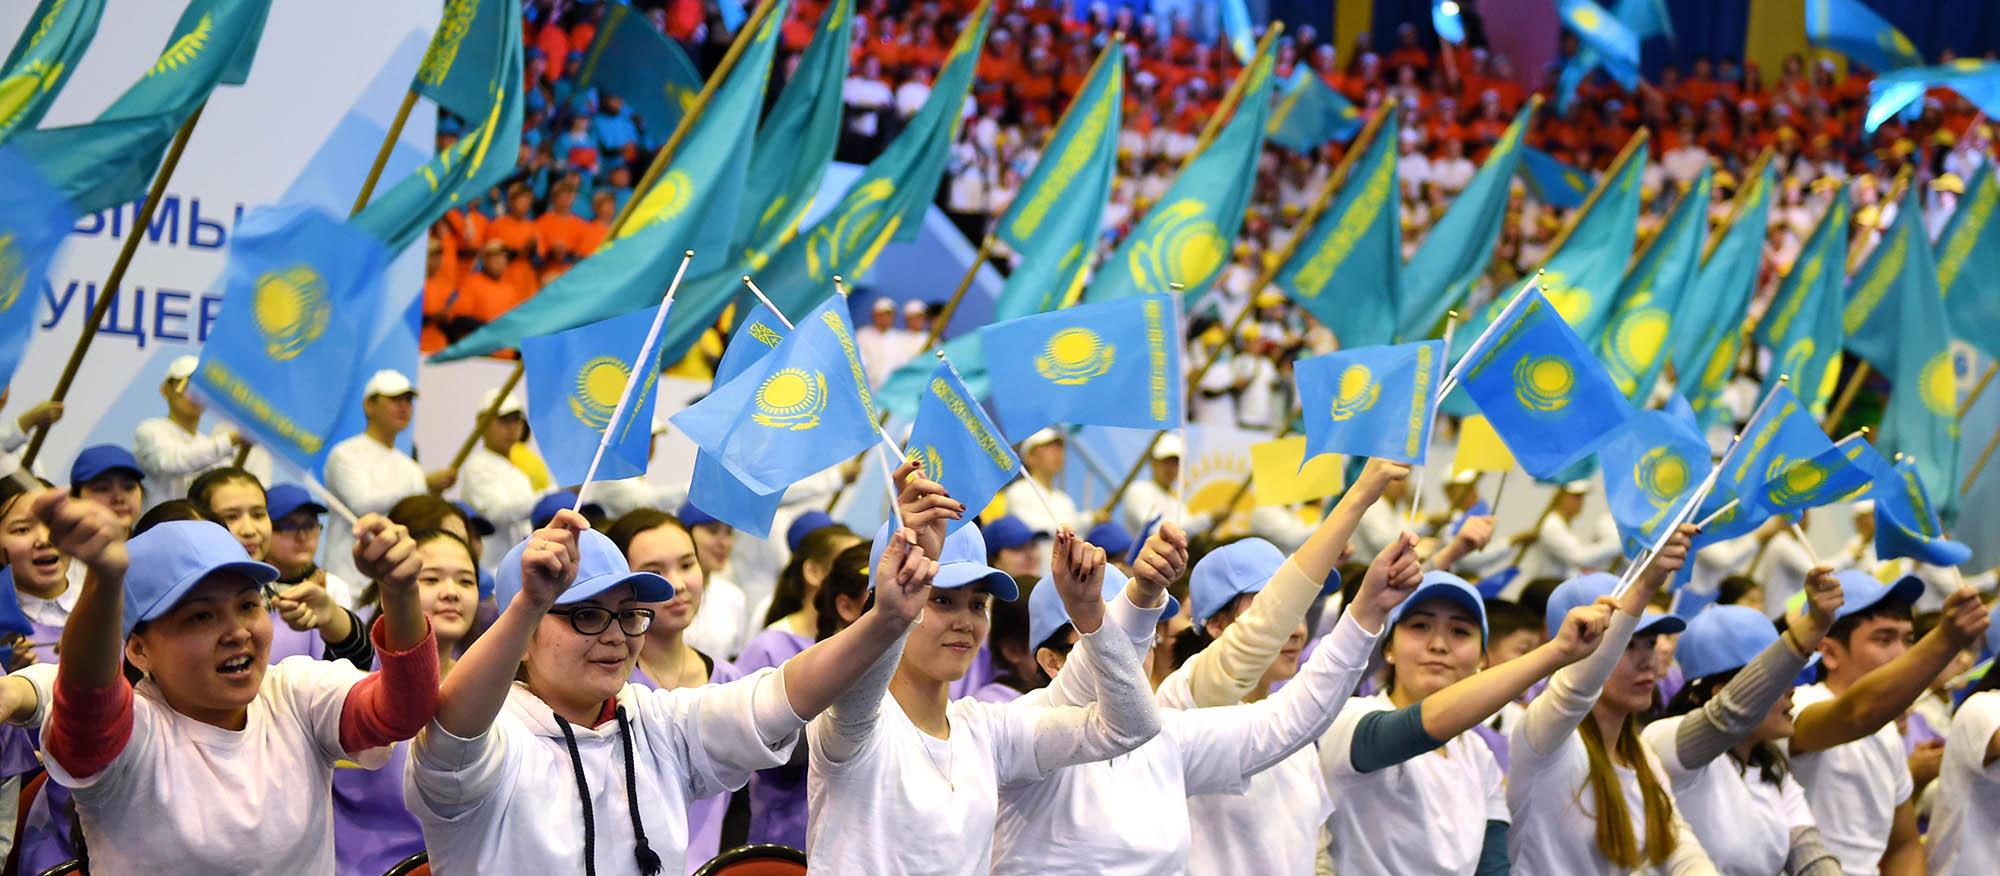 Численность молодёжи в Казахстане составляет 4 млн человек